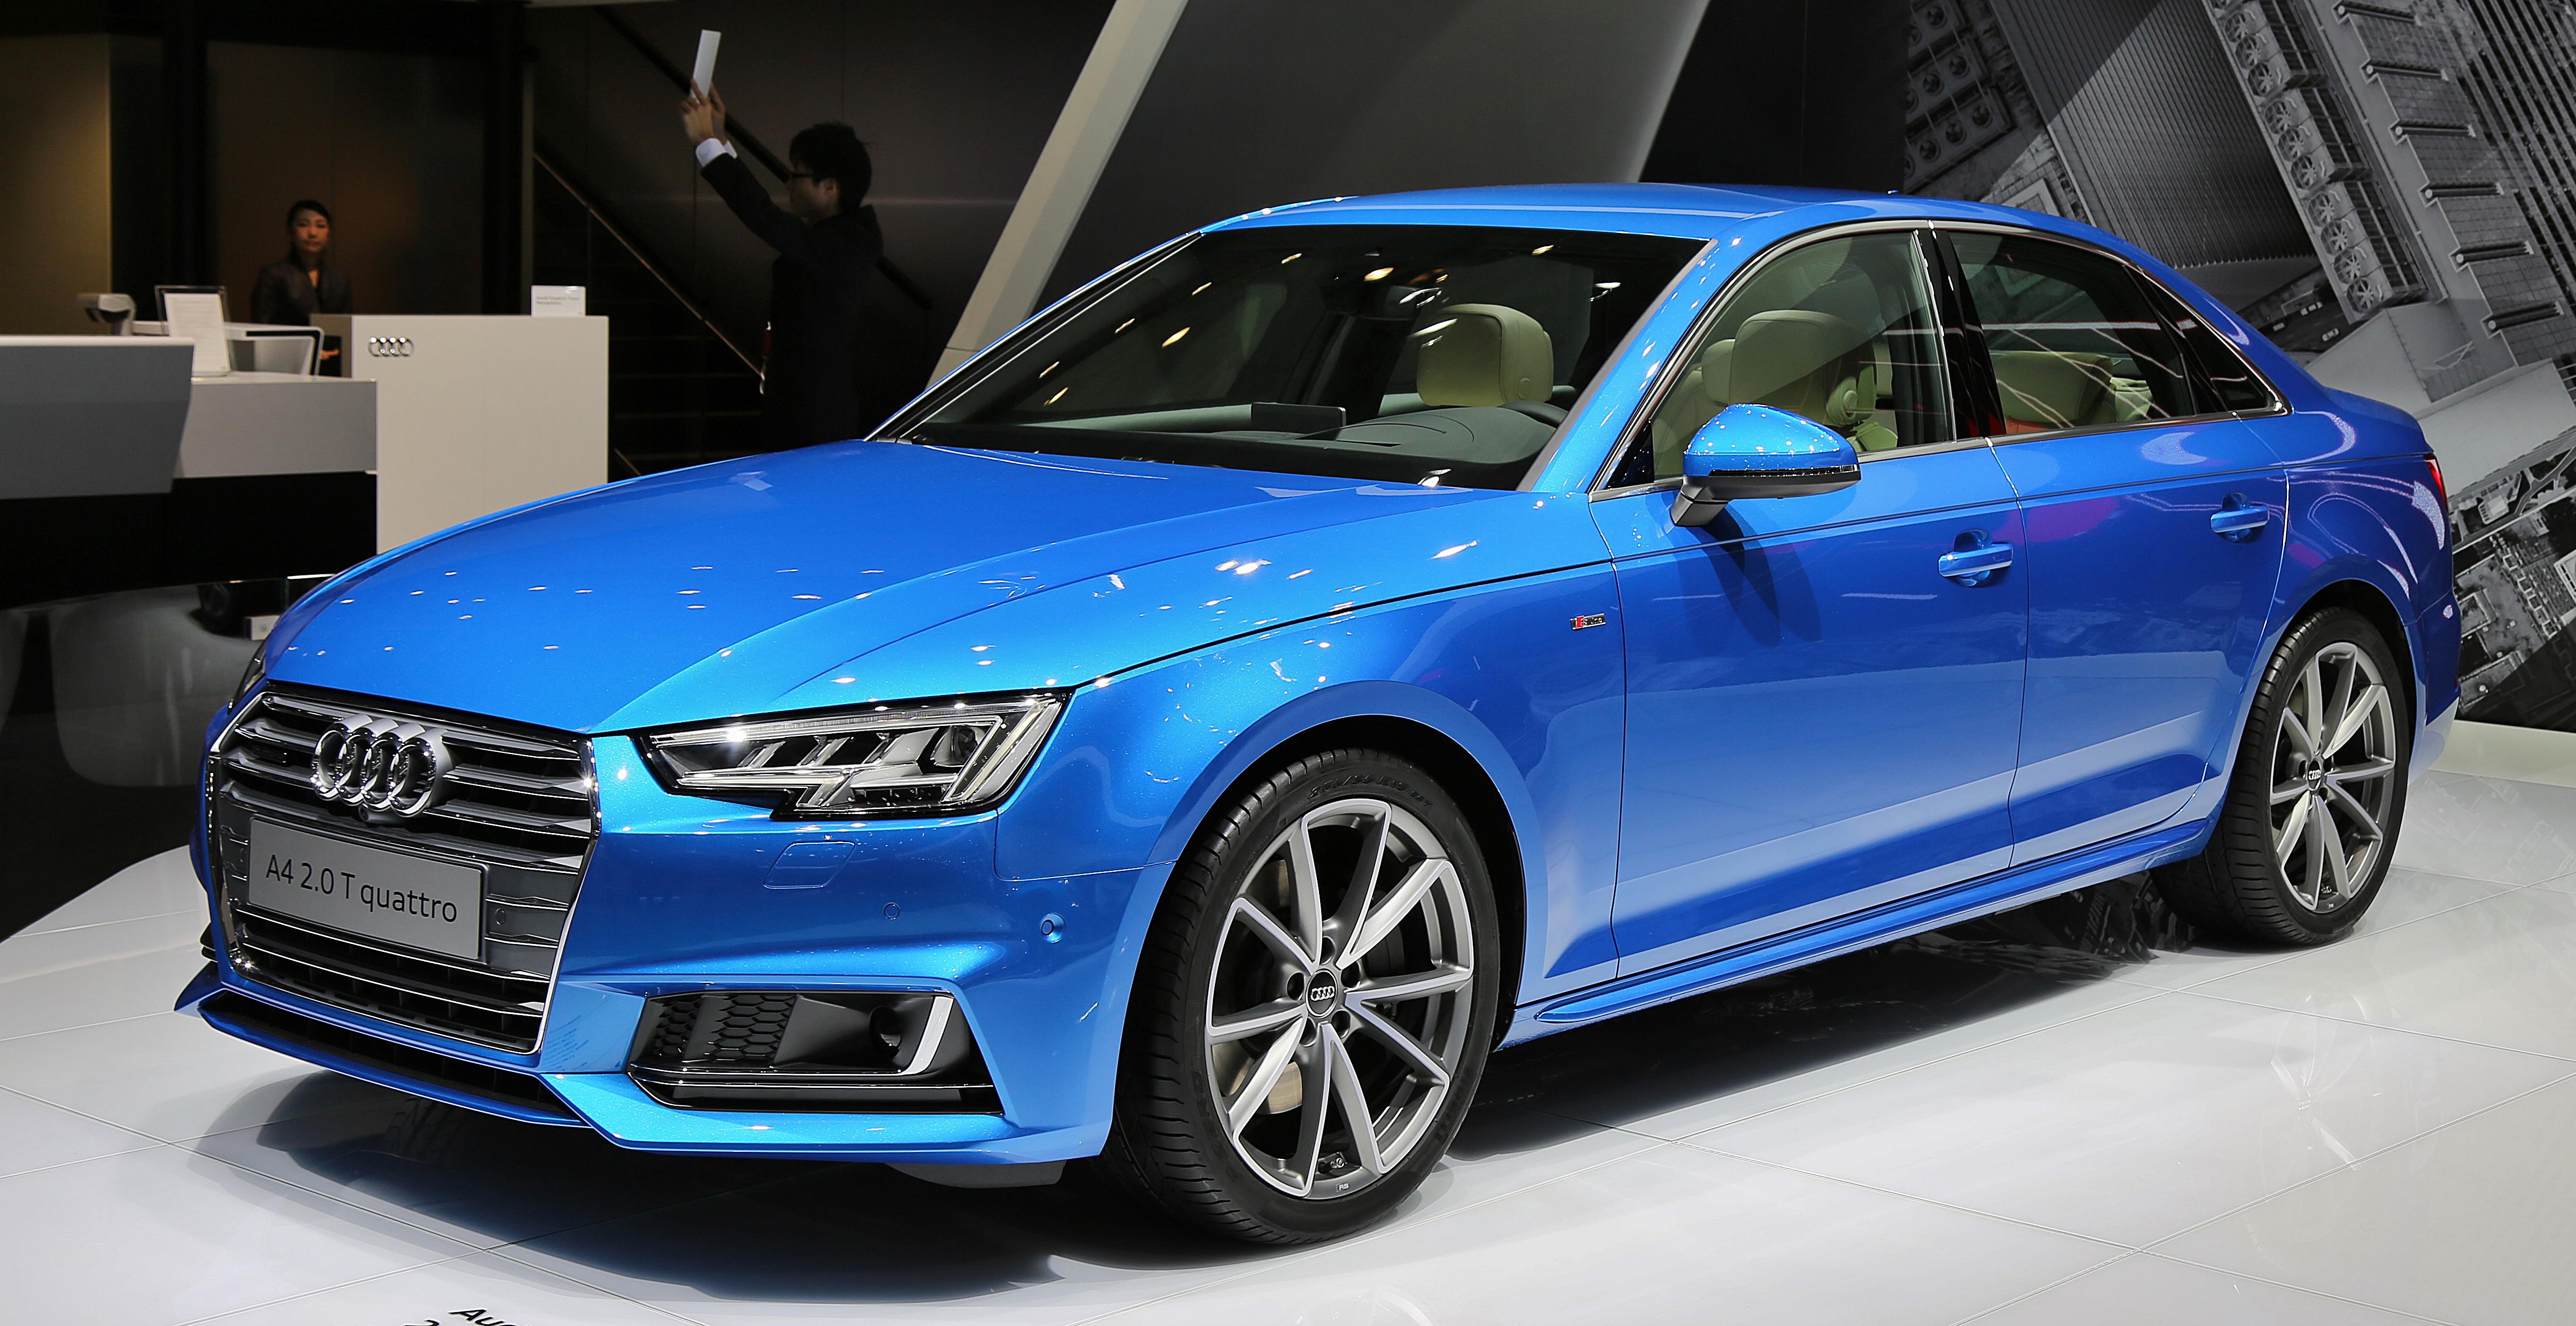 High Resolution Wallpaper | Audi A4 4855x2499 px